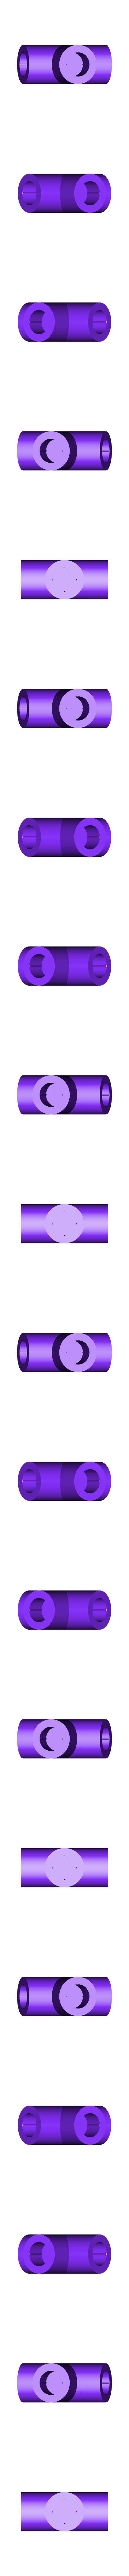 axle_connector_cross.STL Télécharger fichier STL gratuit MEGA Expansion 200+ Pièces • Plan à imprimer en 3D, Pwentey